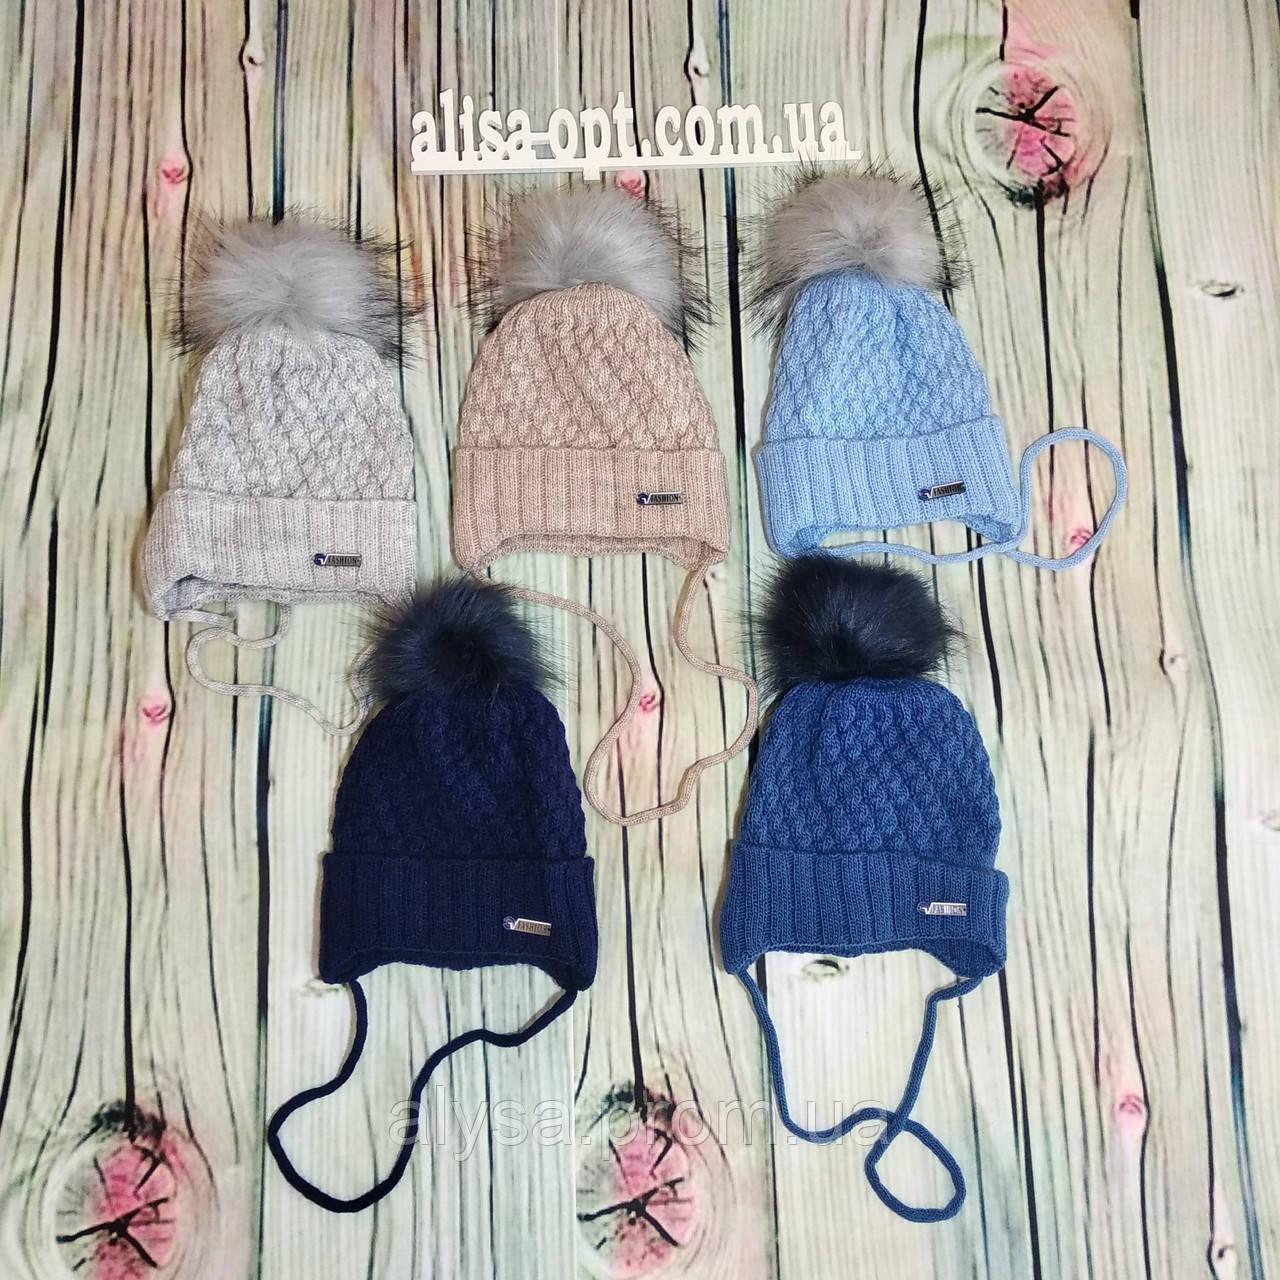 Детская шапка ДМ 014 для мальчика акрил, подкладка - флис